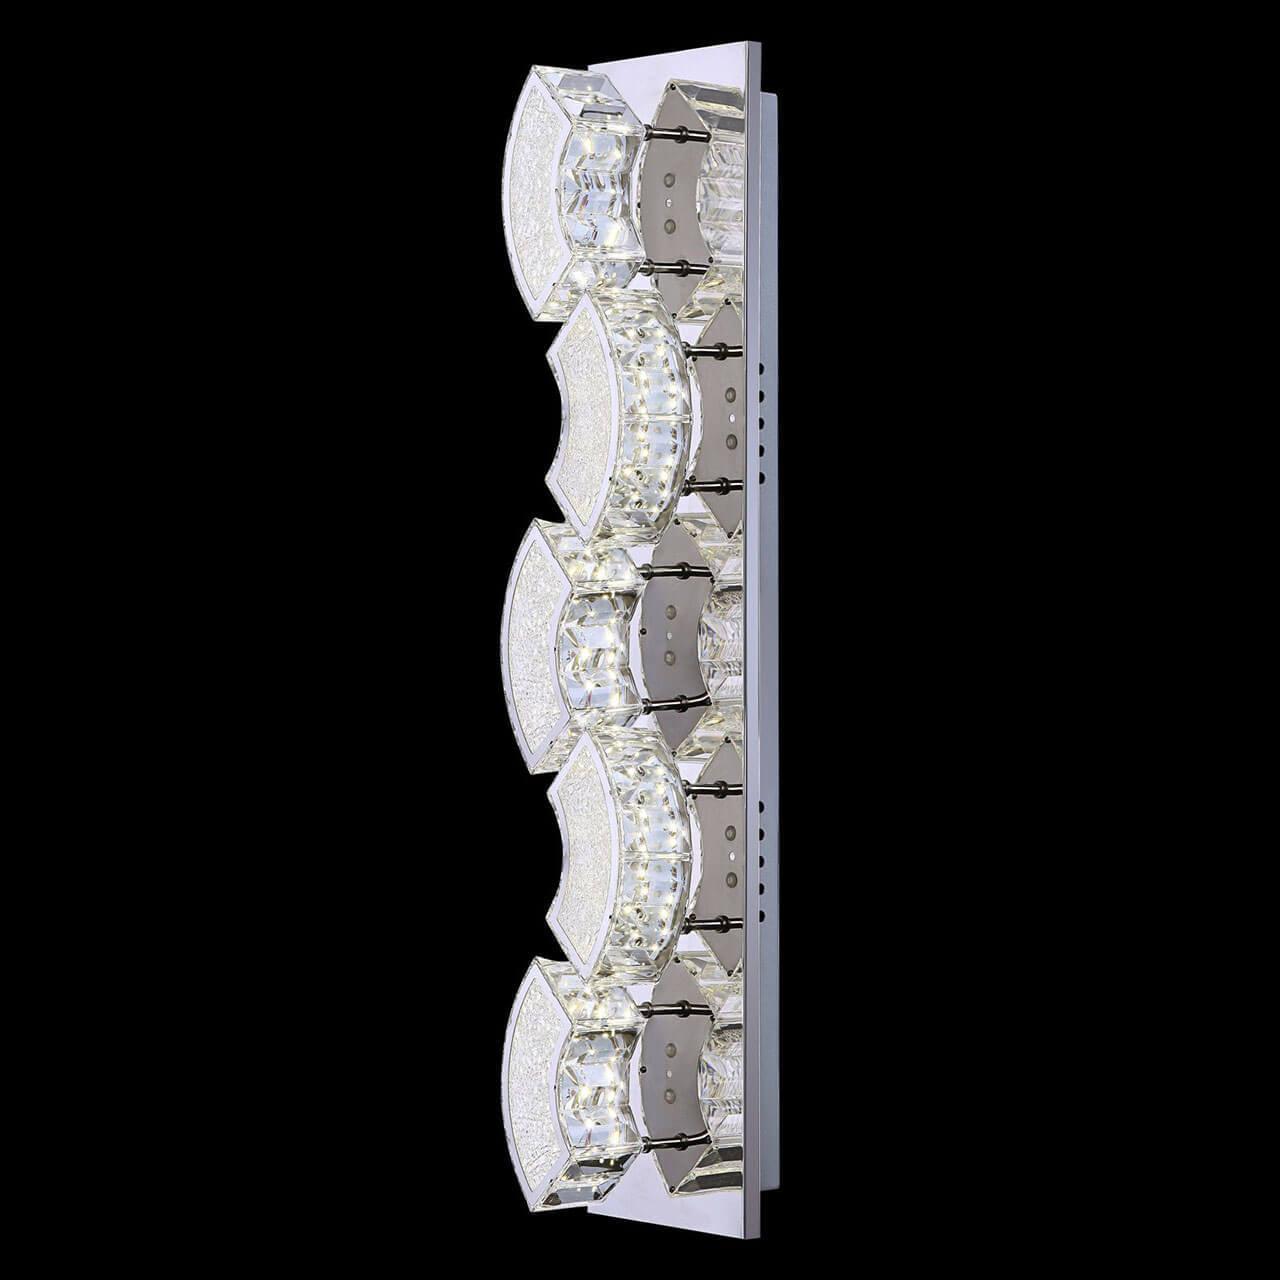 Настенный светильник Globo Silurus 49220-15W настенный светильник бра коллекция amoena 56444 3 хром globo глобо